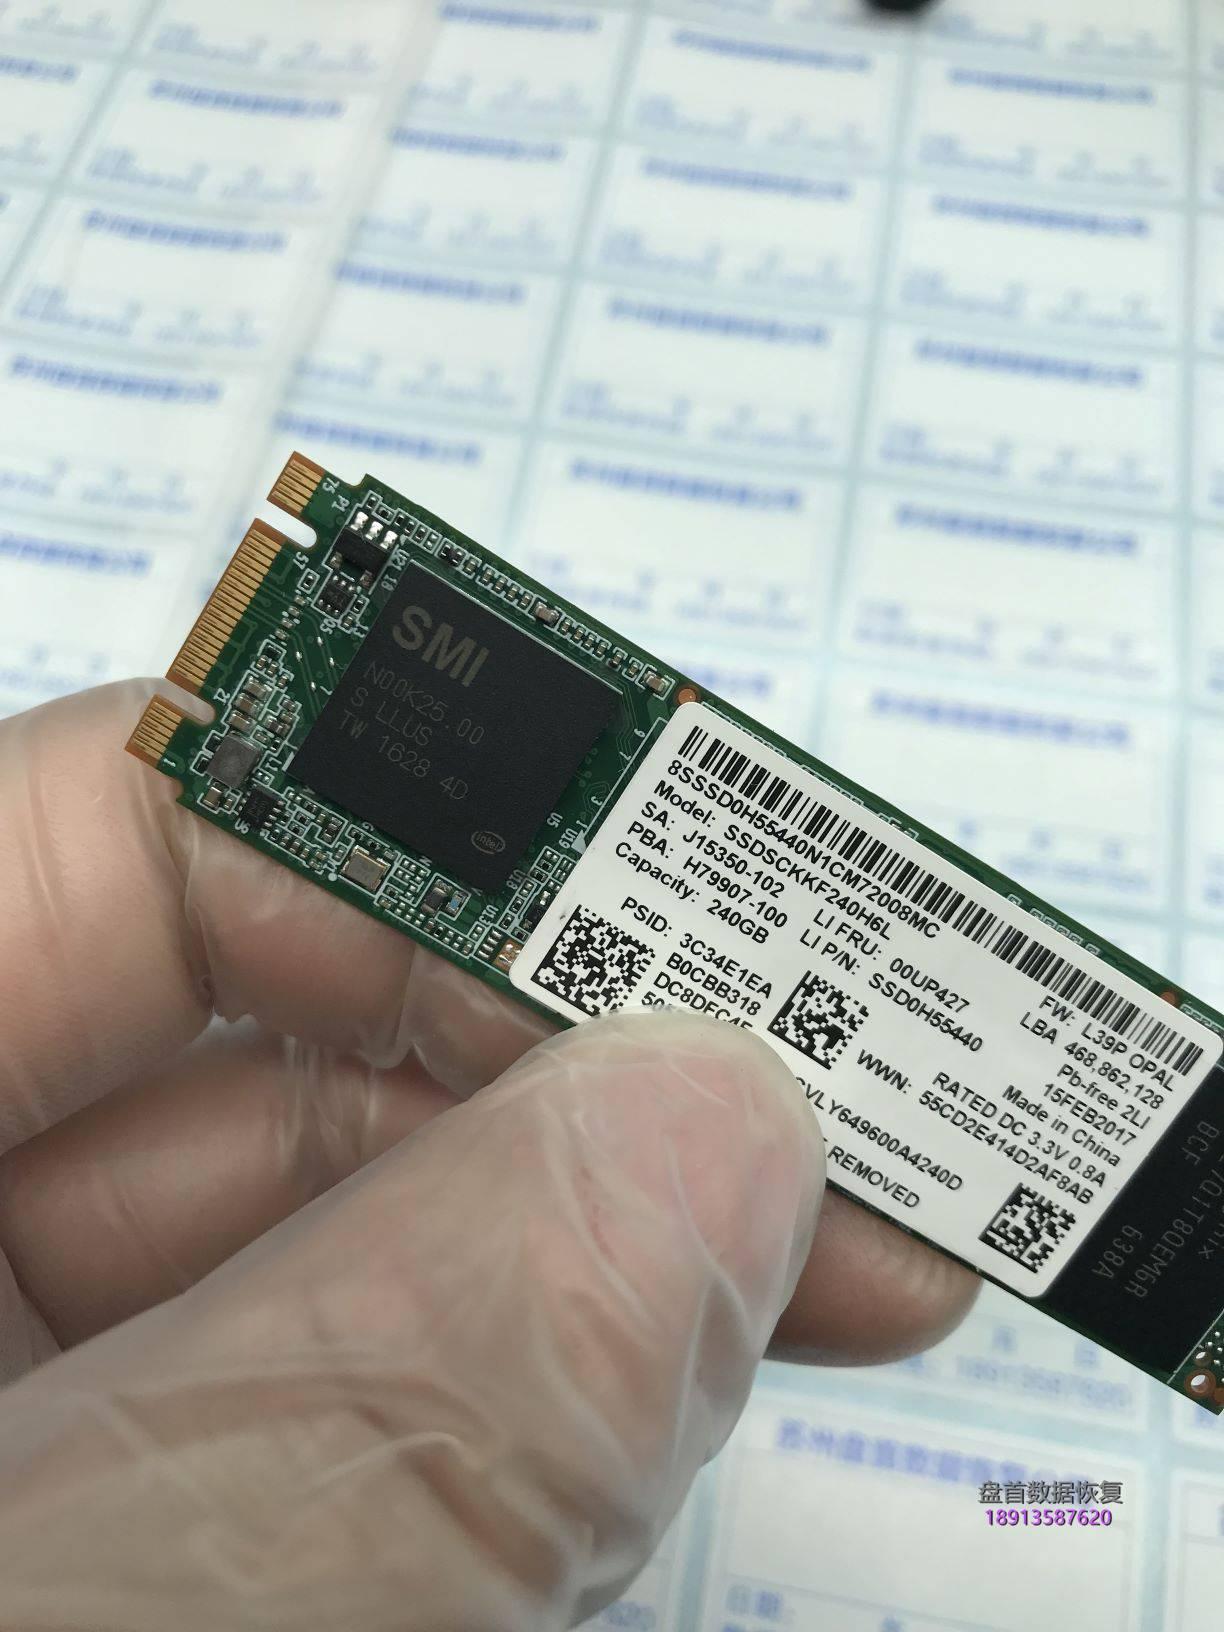 0-2 二次成功恢复英特尔SSDSCKKF240H6L固态硬盘无法识别主控为SMI N00K25.00(SM2258G)数据恢复成功